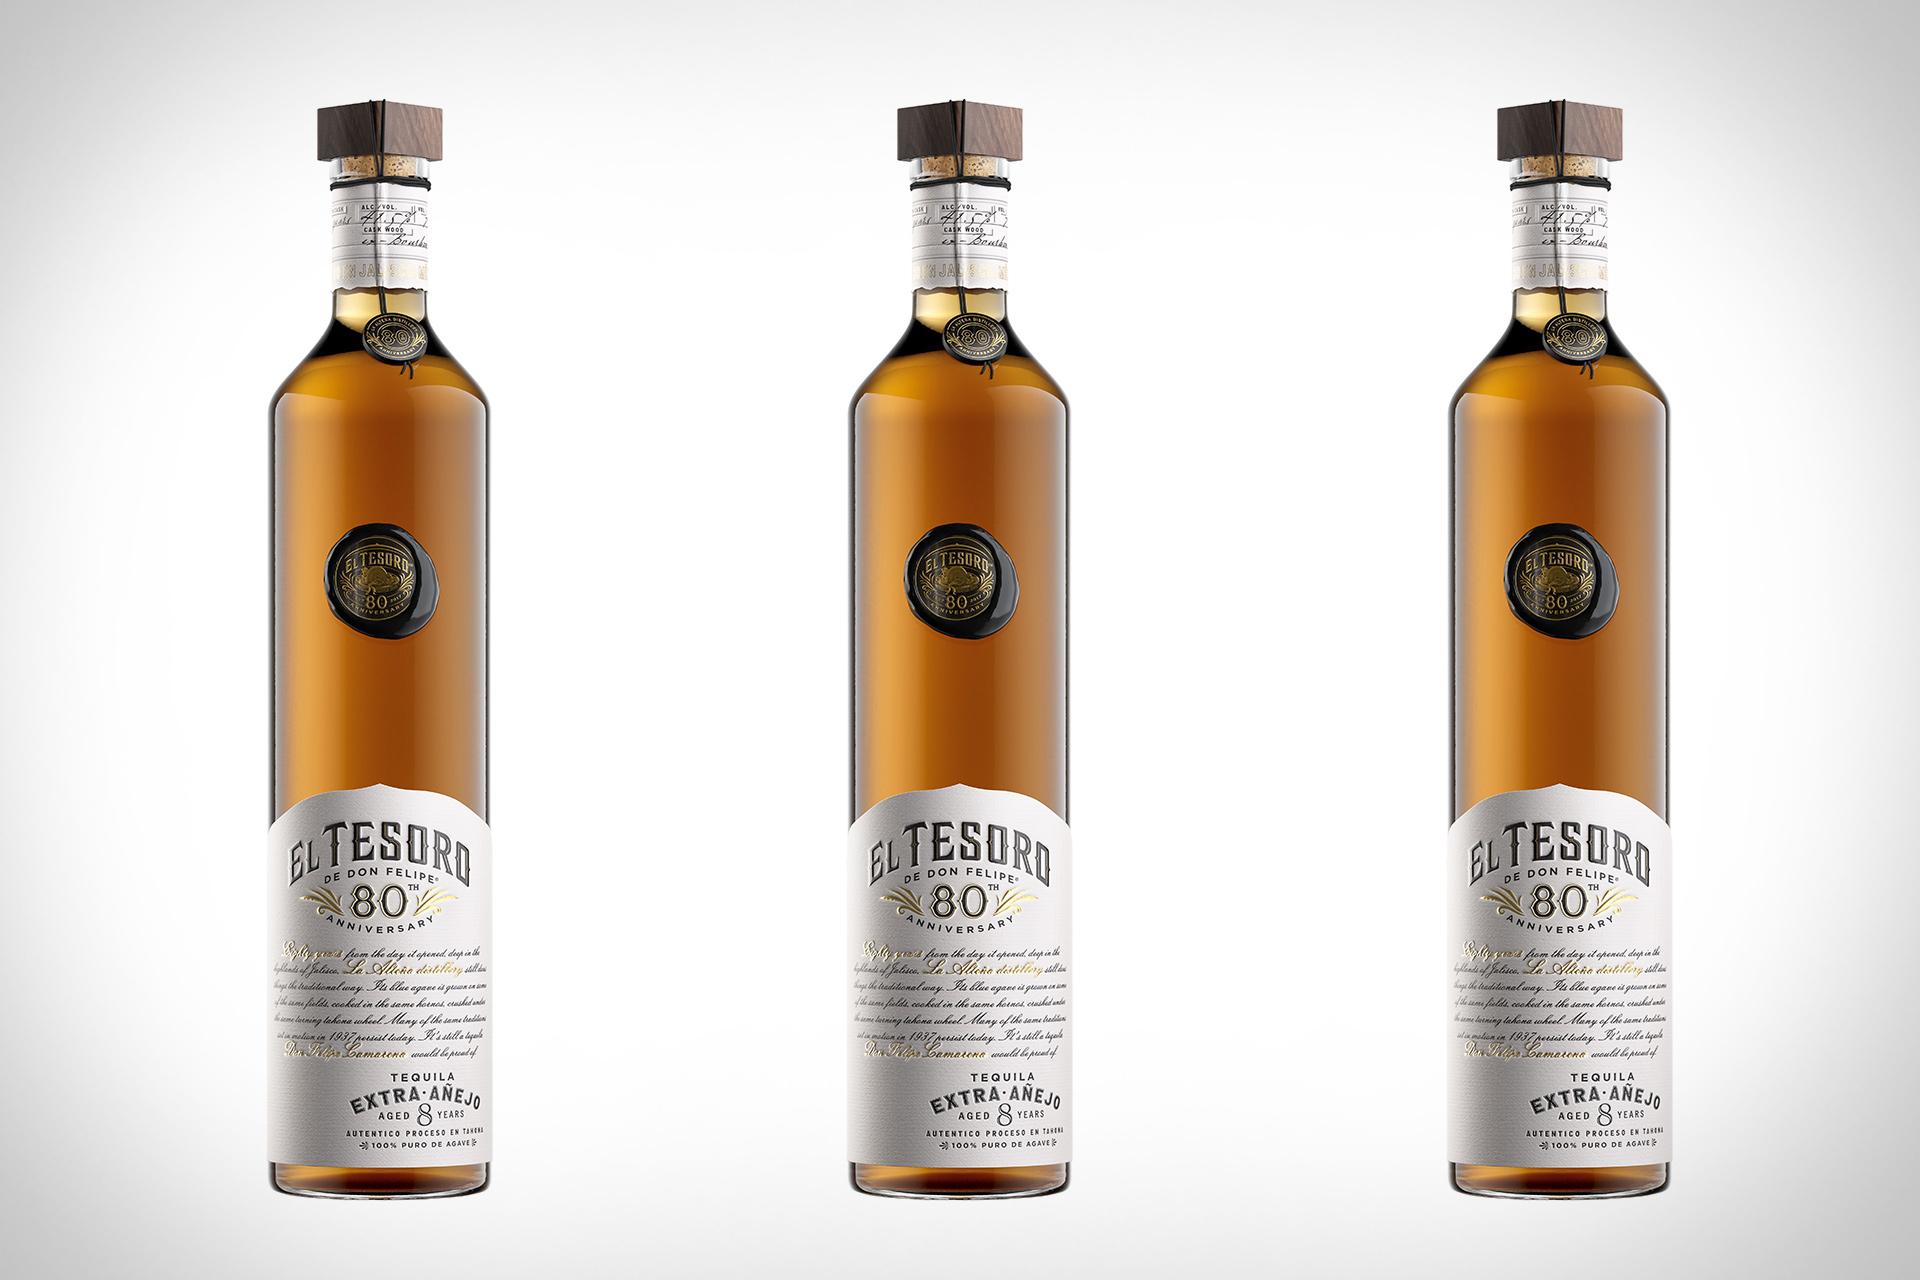 El Tesoro Tequila zum 80-jährigen Jubiläum